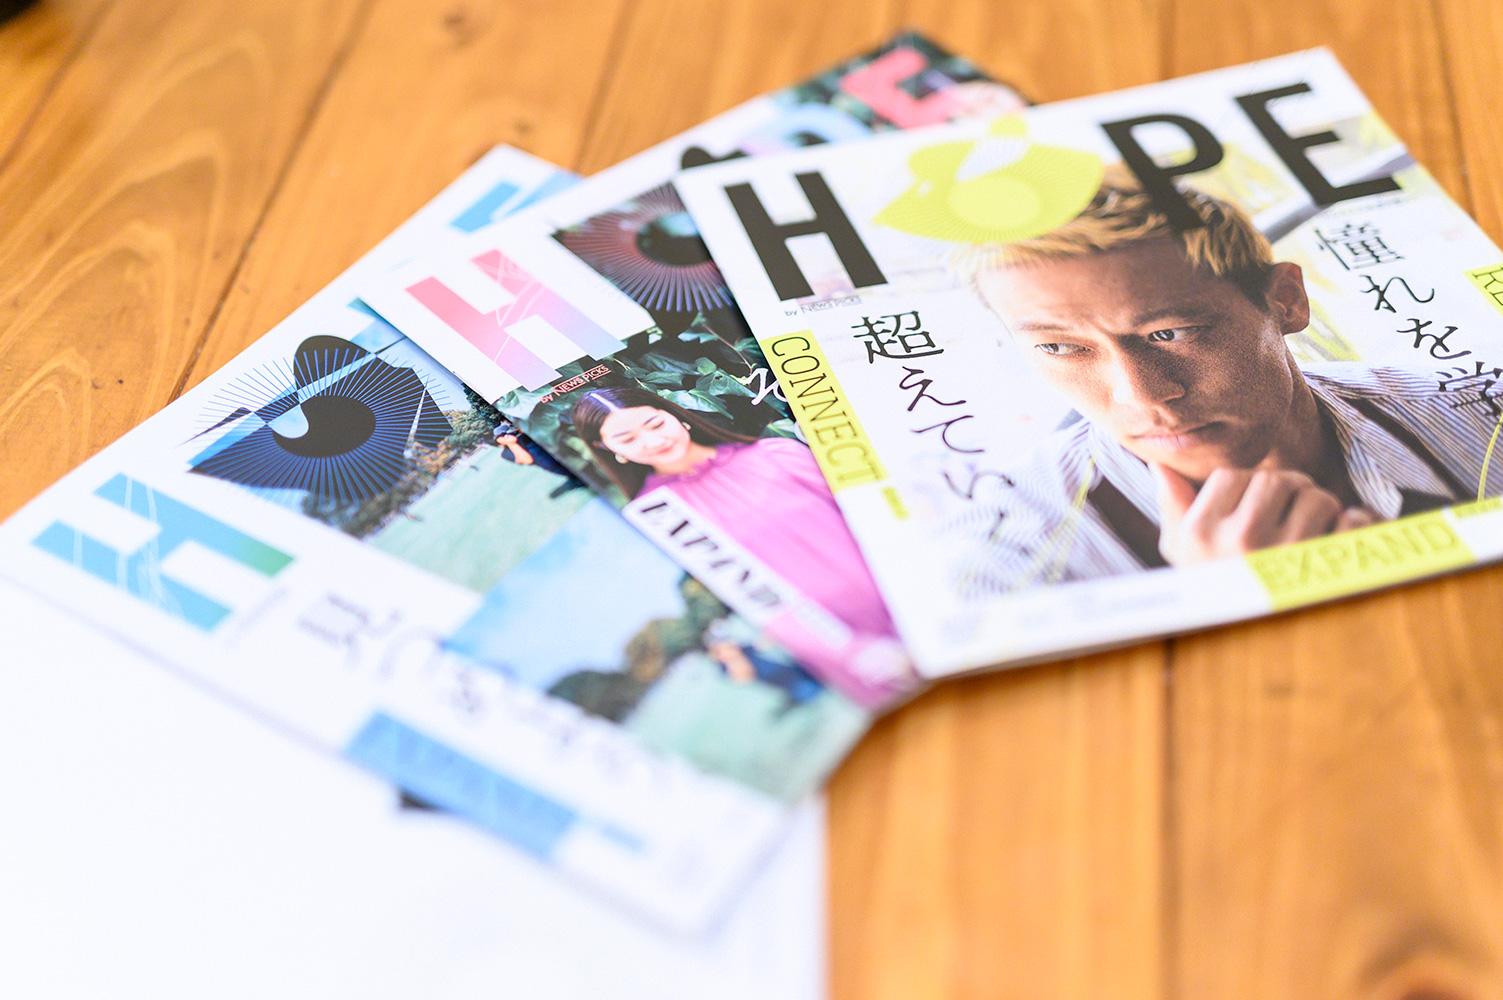 2019年11月に学生に向けてリニューアルした『HOPE by NewsPicks』